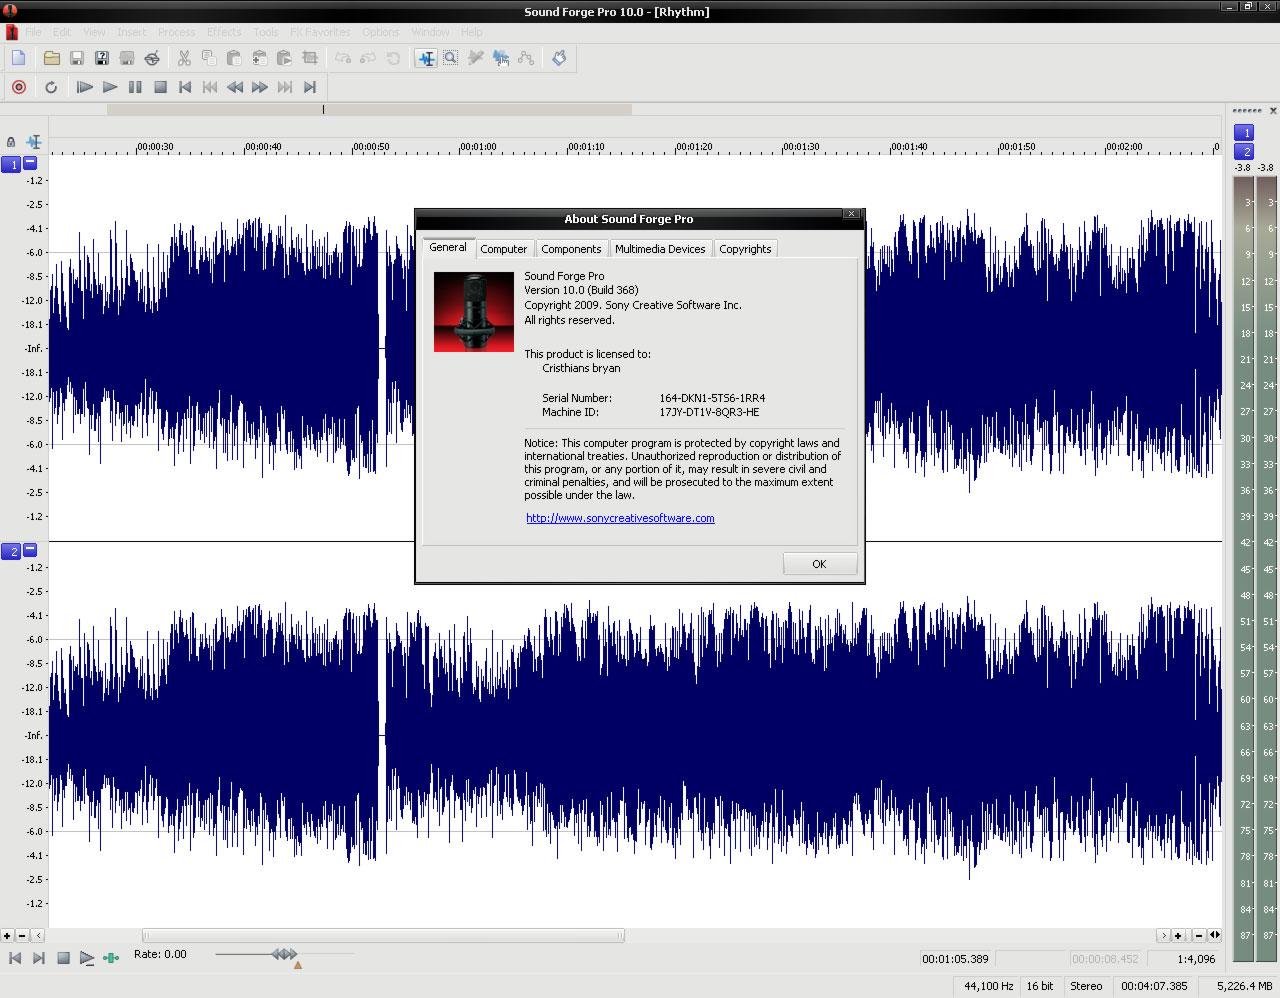 Keygen Para Sound Forge Pro 10.0